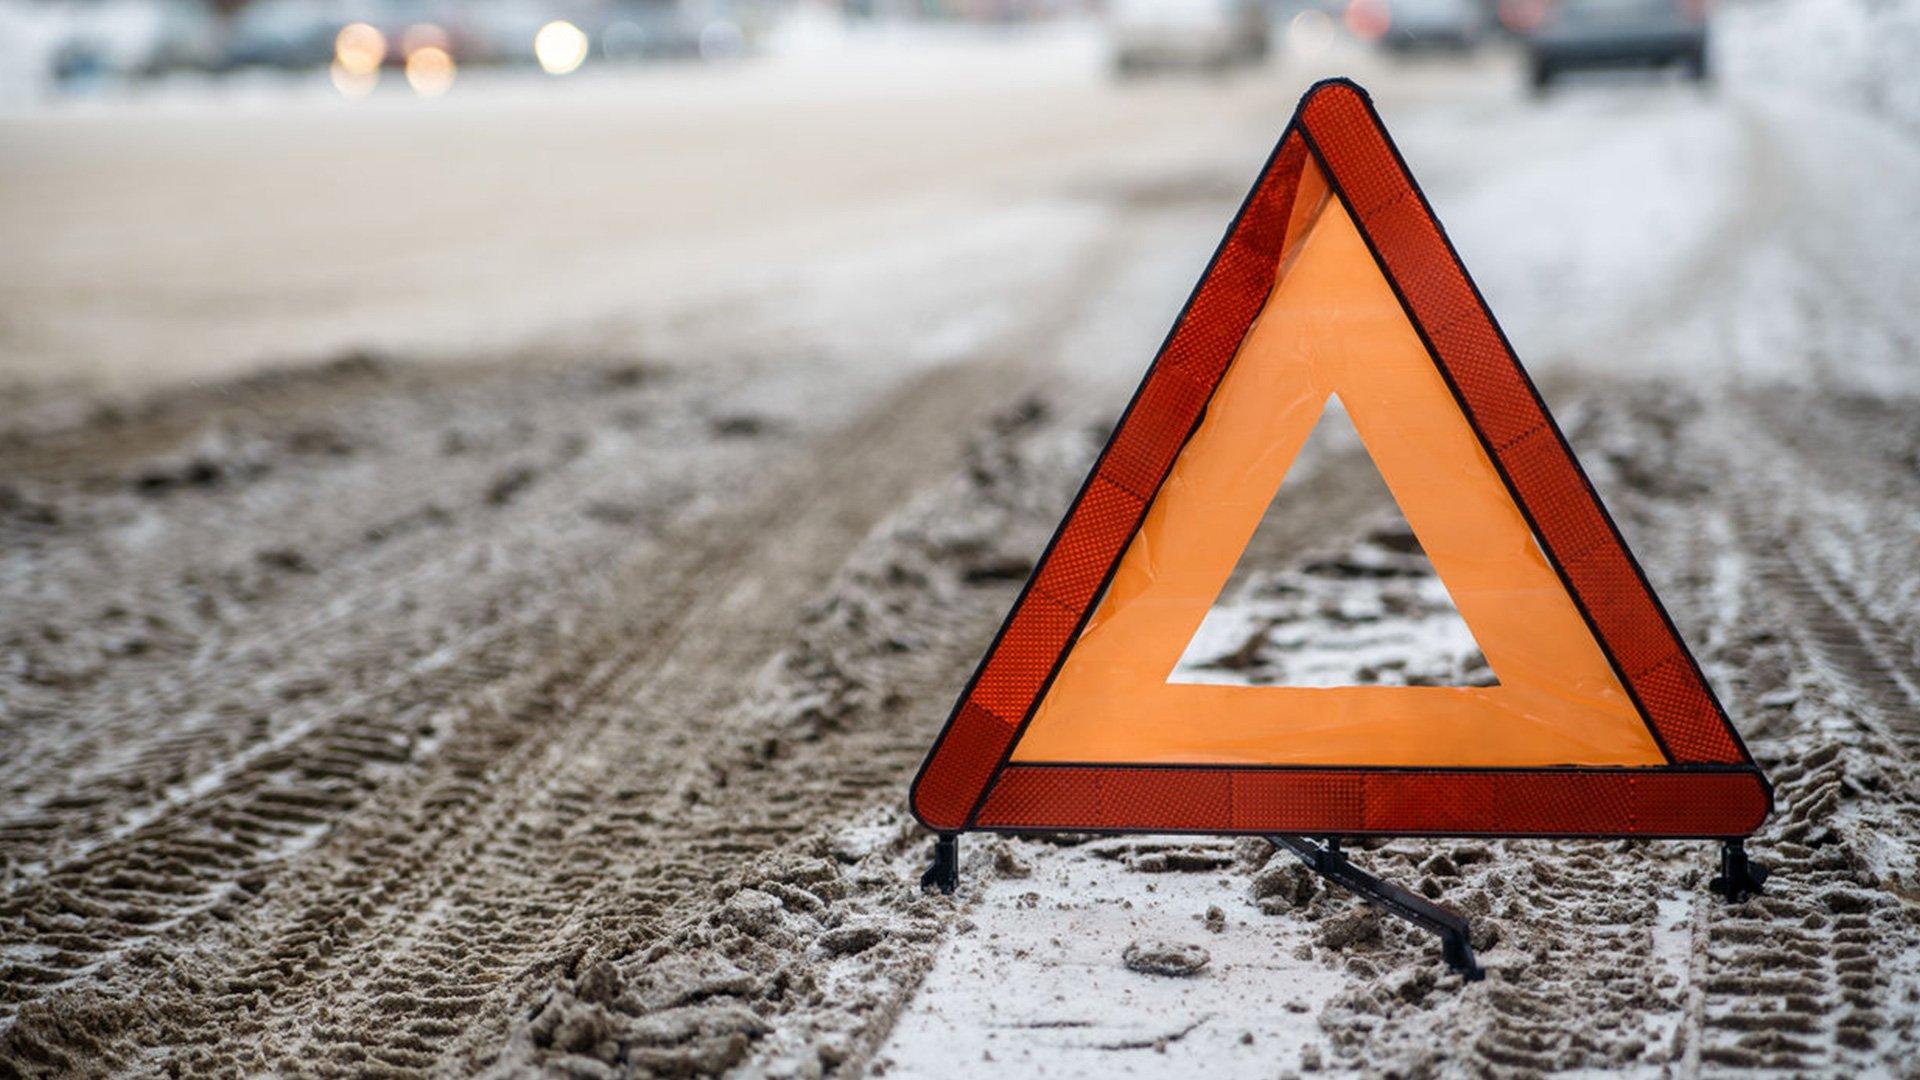 Женщина пострадала у Пирожкова в Тверской области